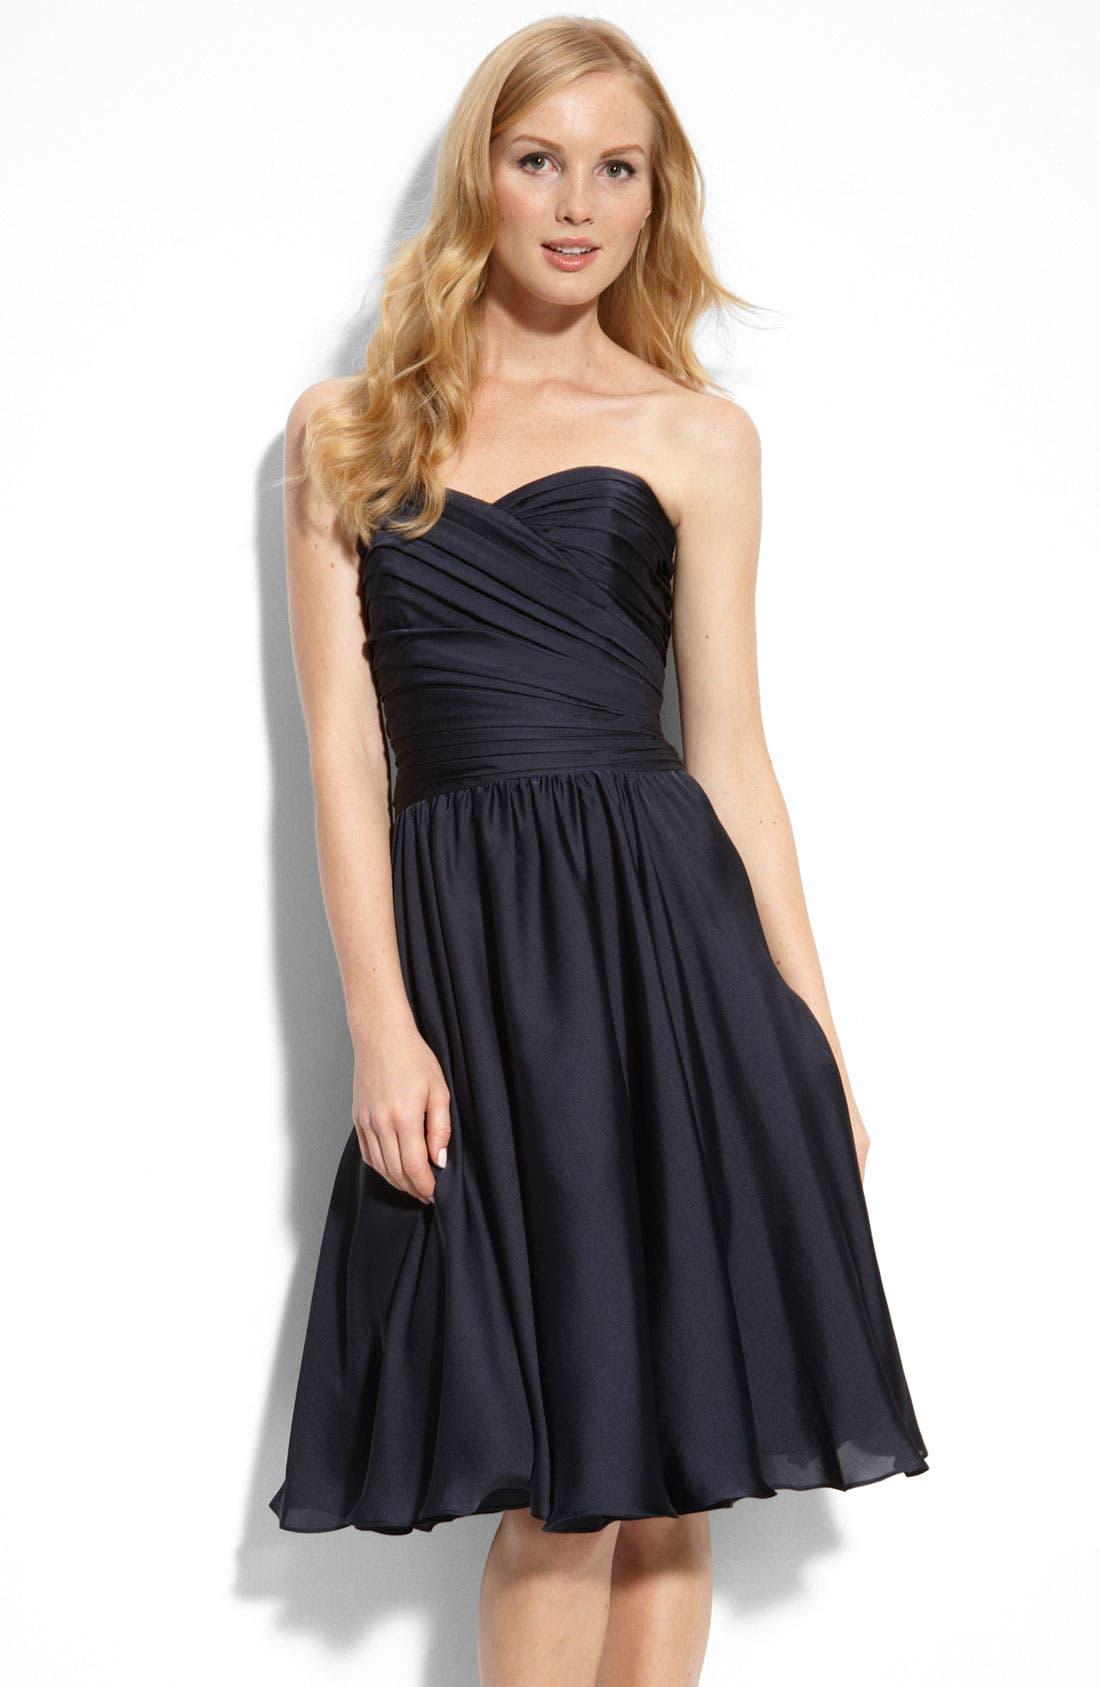 Main Image - ML Monique Lhuillier Bridesmaids Strapless Dress